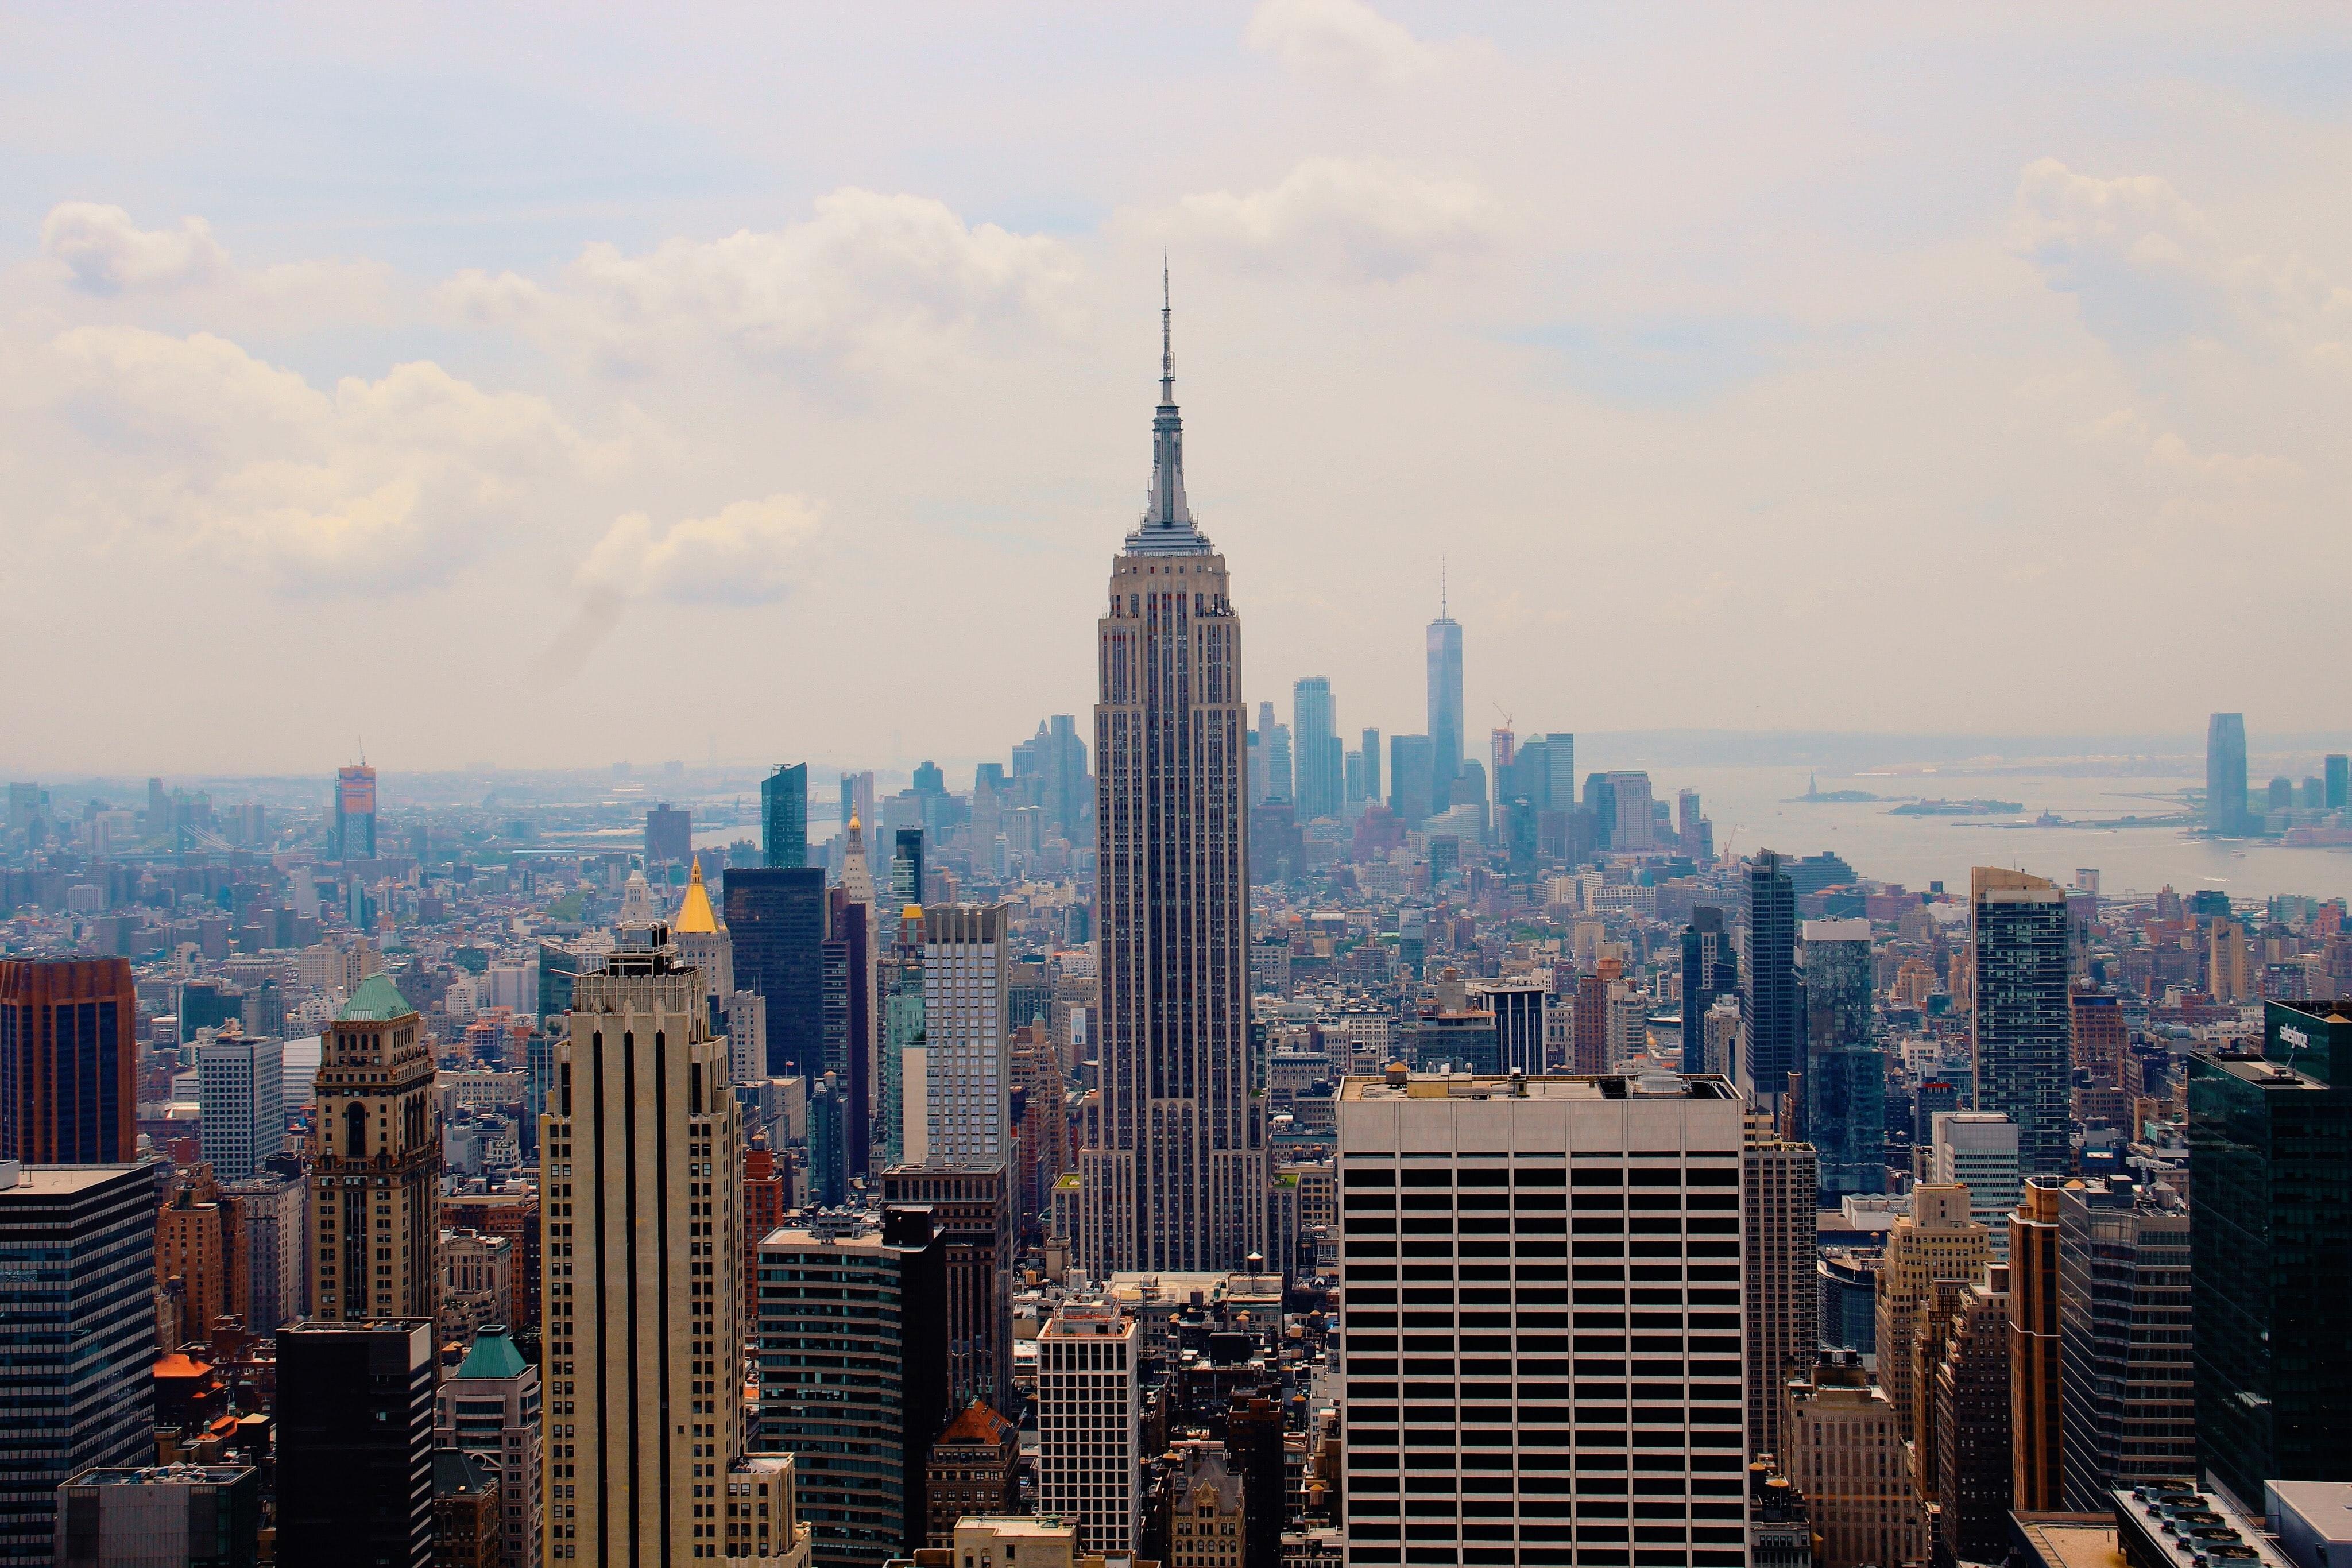 Top cinq des endroits à visiter aux États-Unis 1